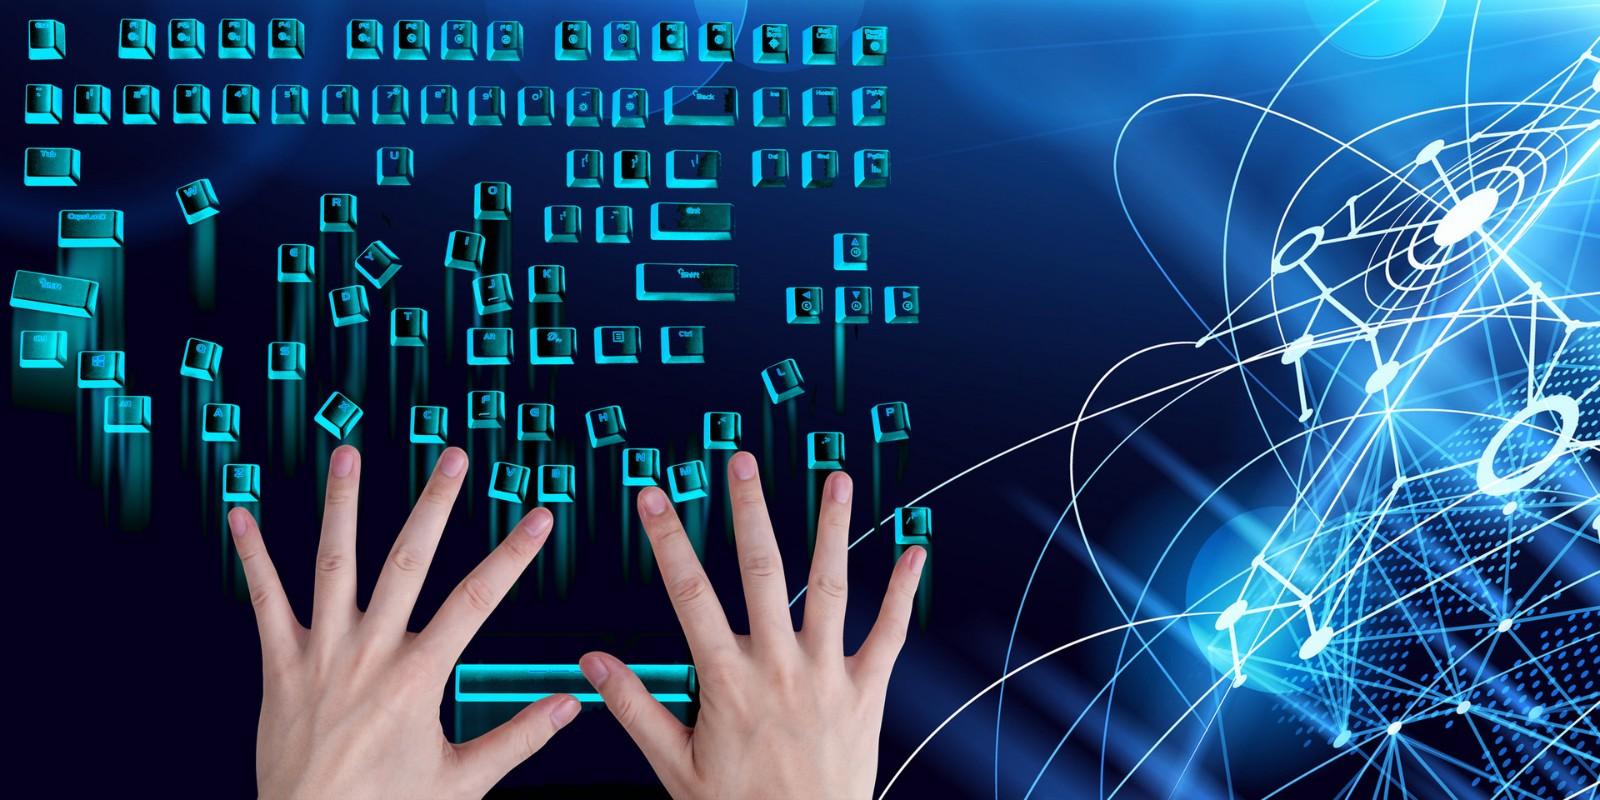 【行业】2021年排名因素:站内SEO如何影响网站排名-犀牛云